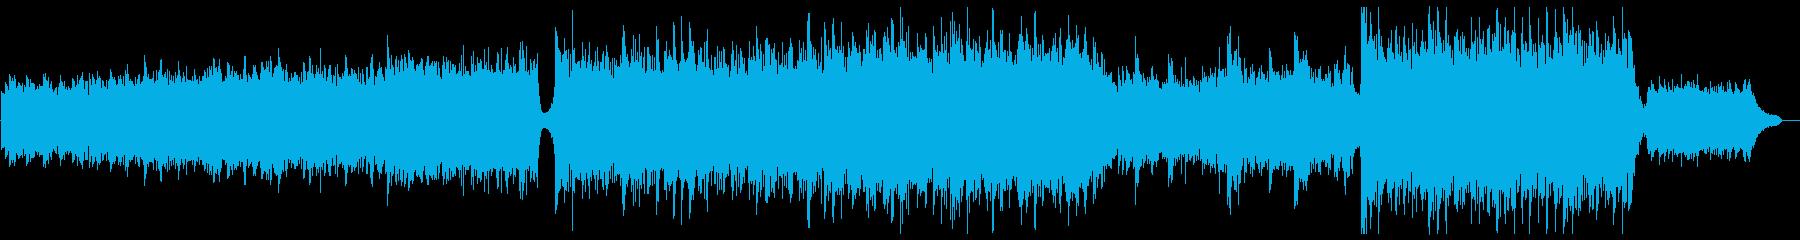 ハリウッド風シリアストレイラー:ブラス抜の再生済みの波形